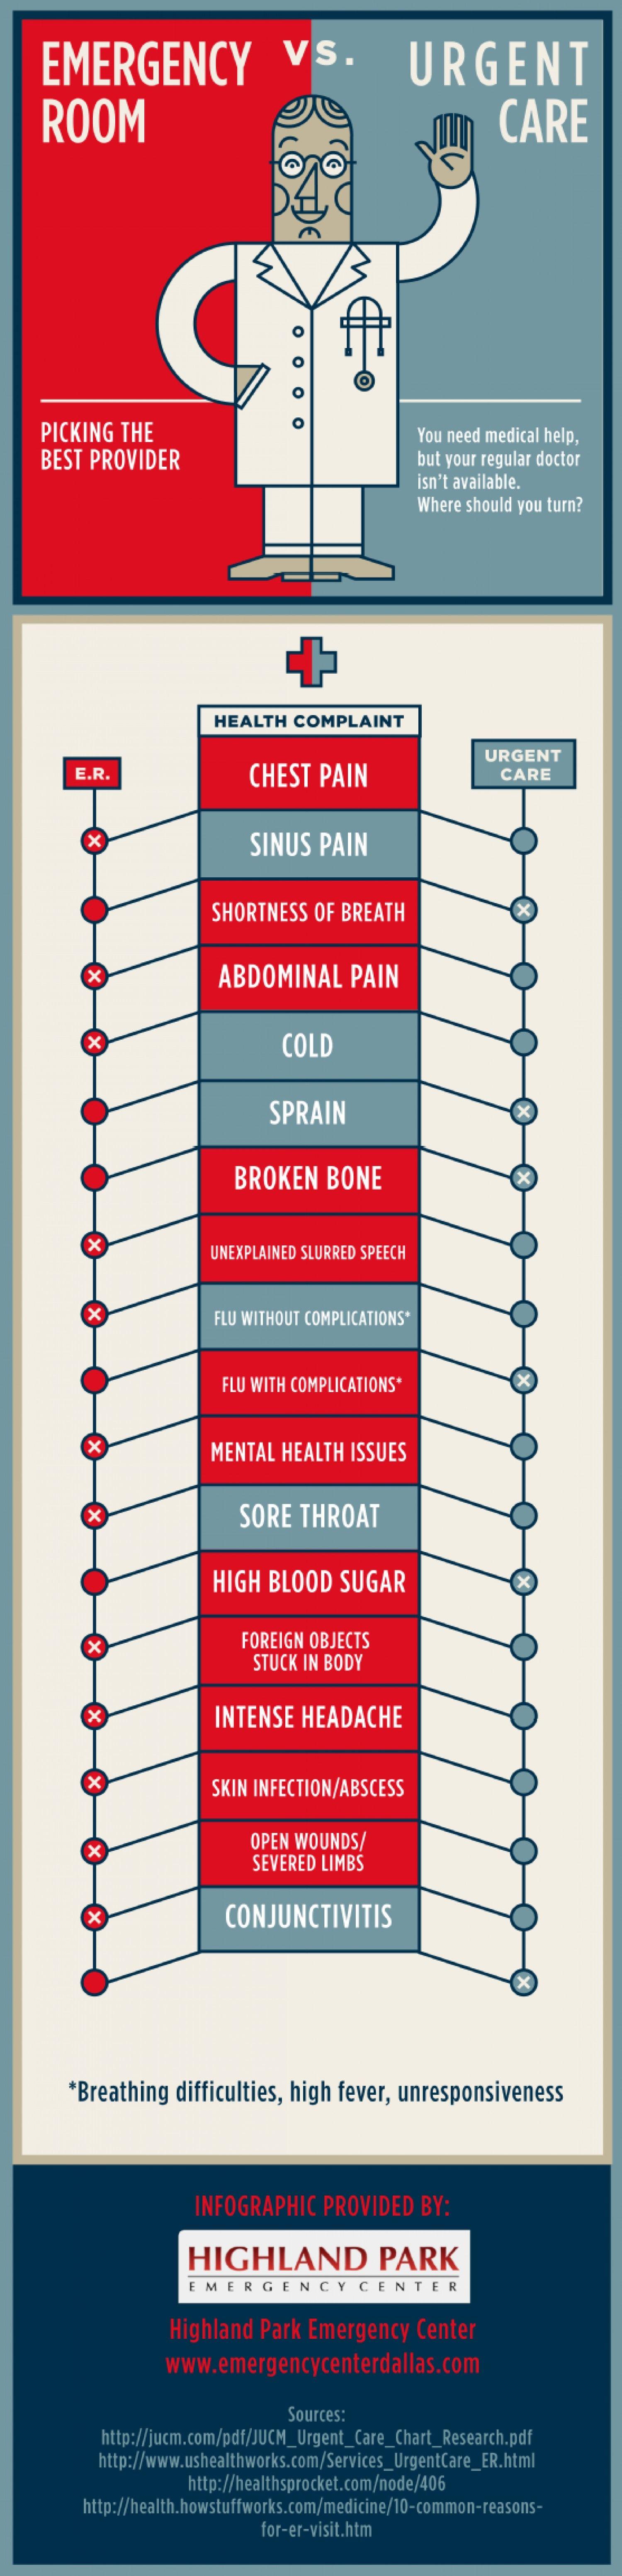 Er vs urgent care infographic medical field medical